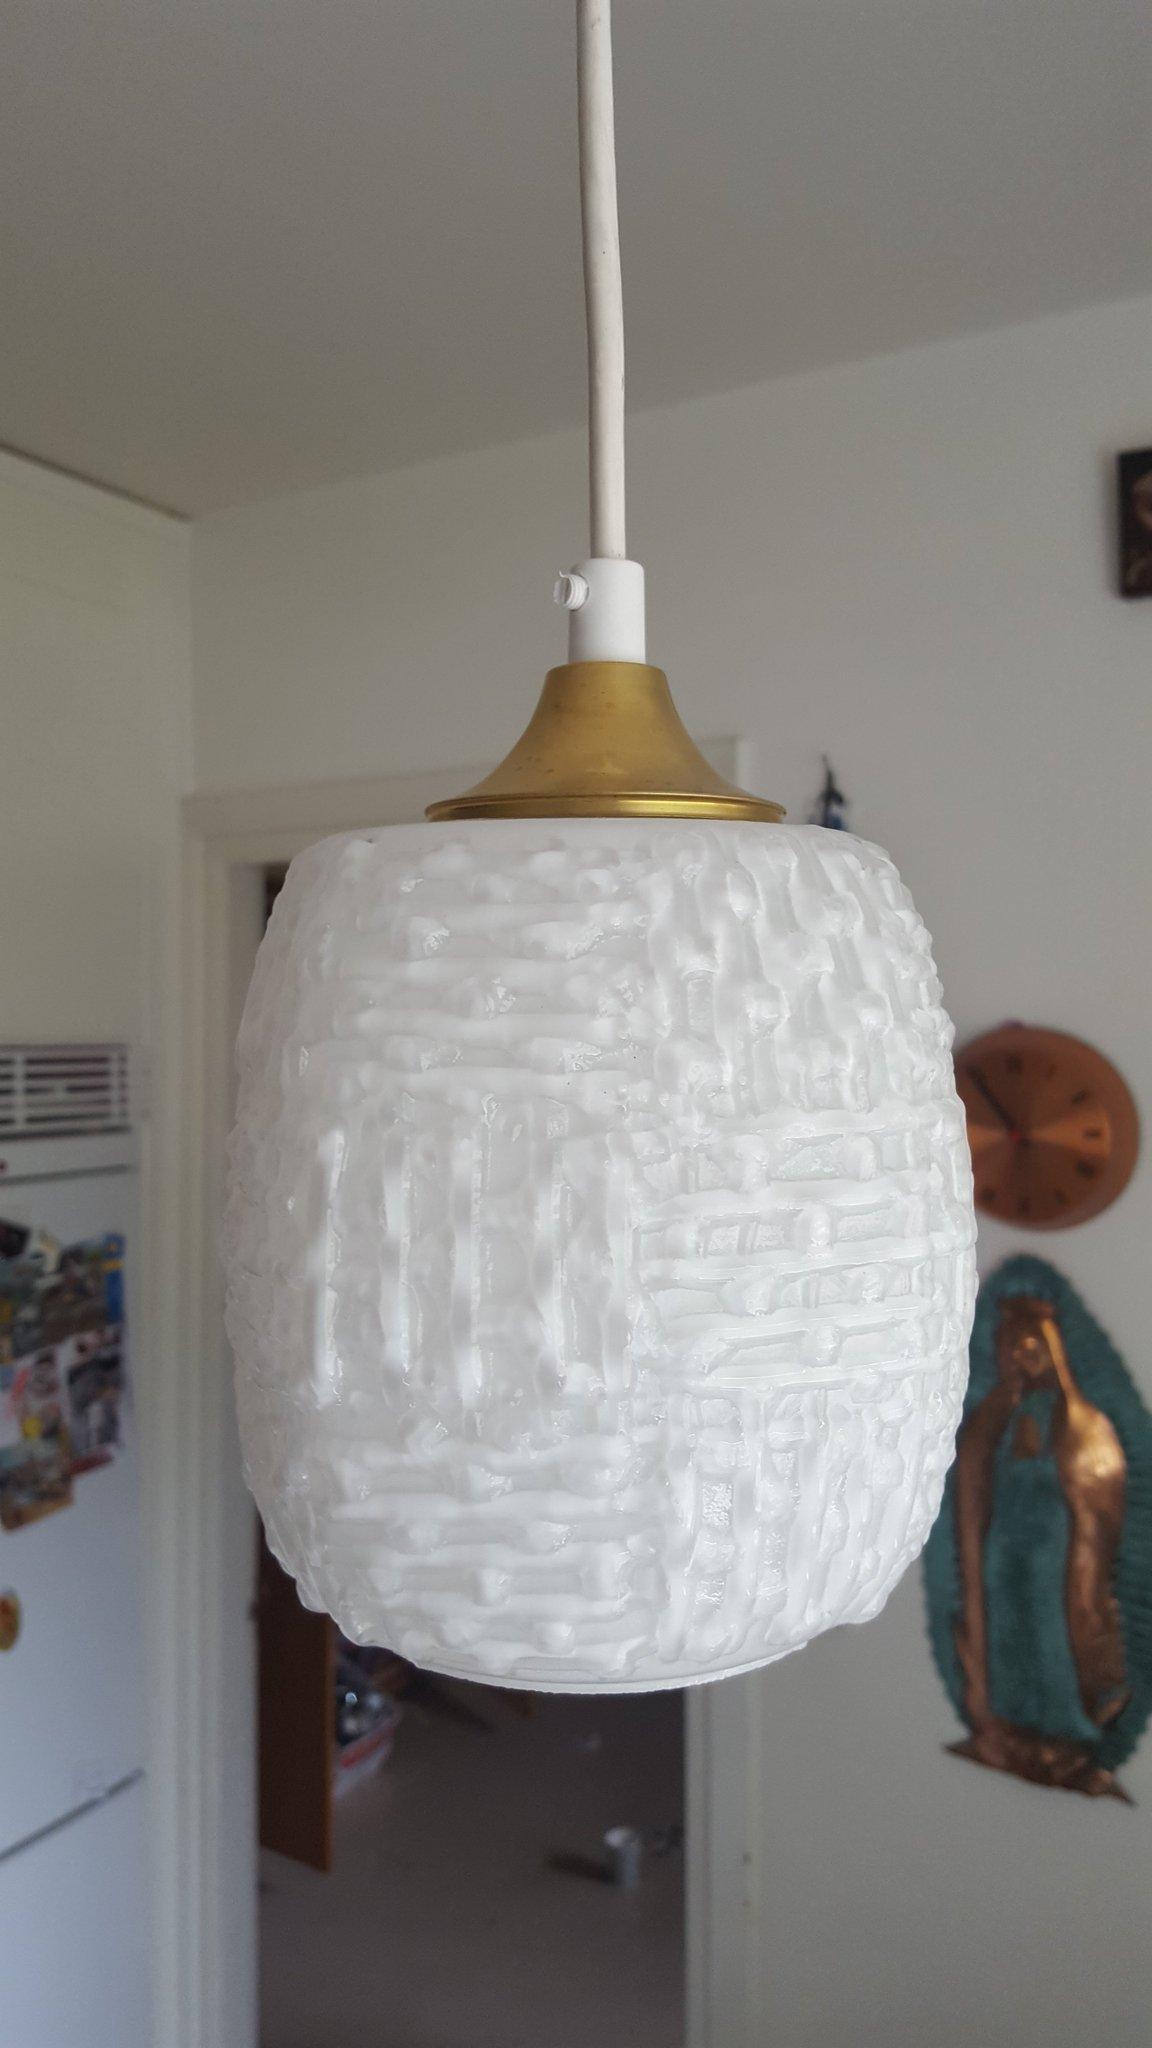 taklampa glass och mässing (354468083) ᐈ Köp på Tradera